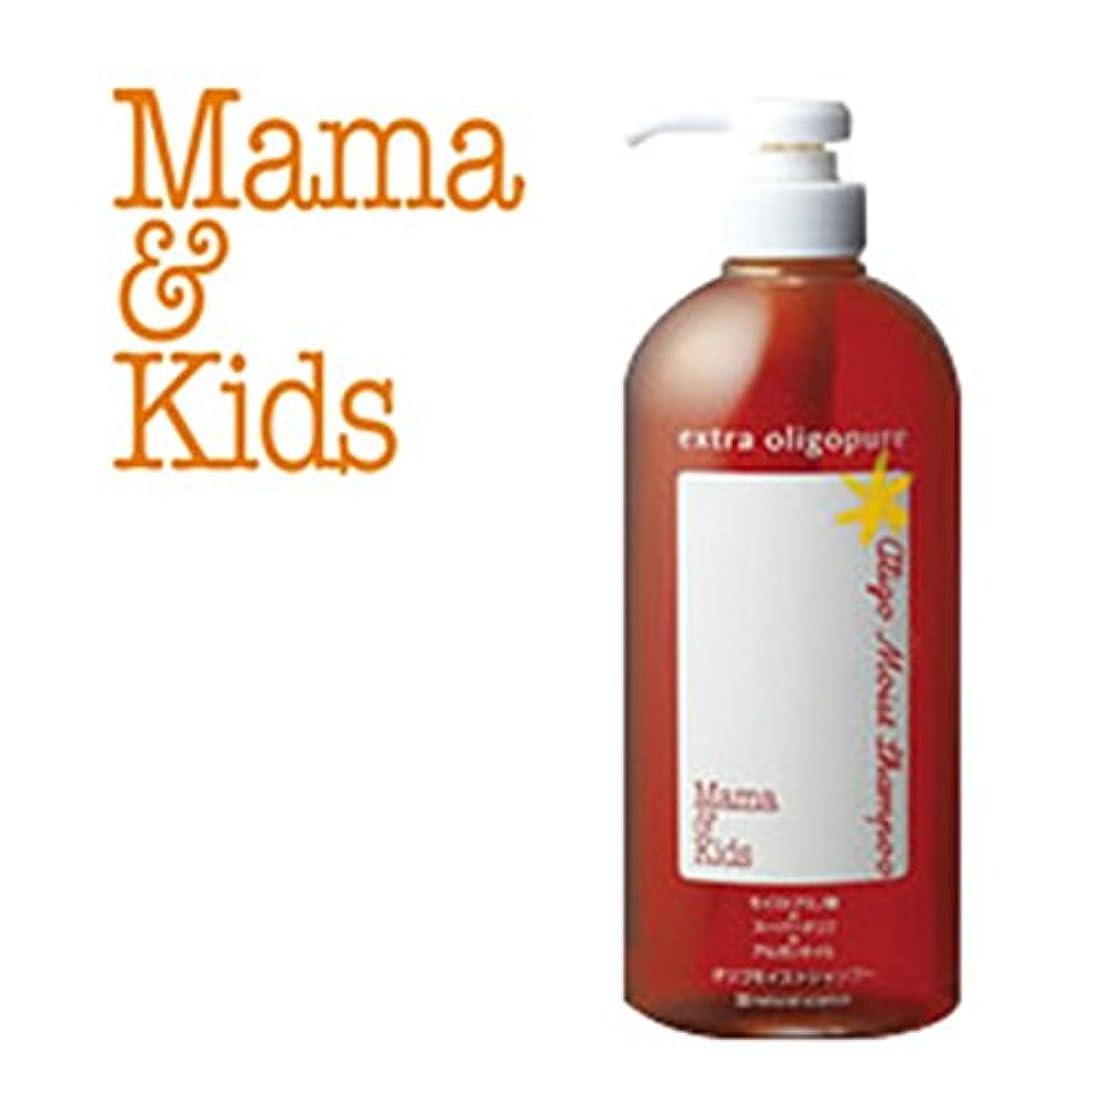 飢真向こう取り囲むママ&キッズ オリゴモイストシャンプー720ML/Mama&Kids Oligo Moist Shampoo/洗发水